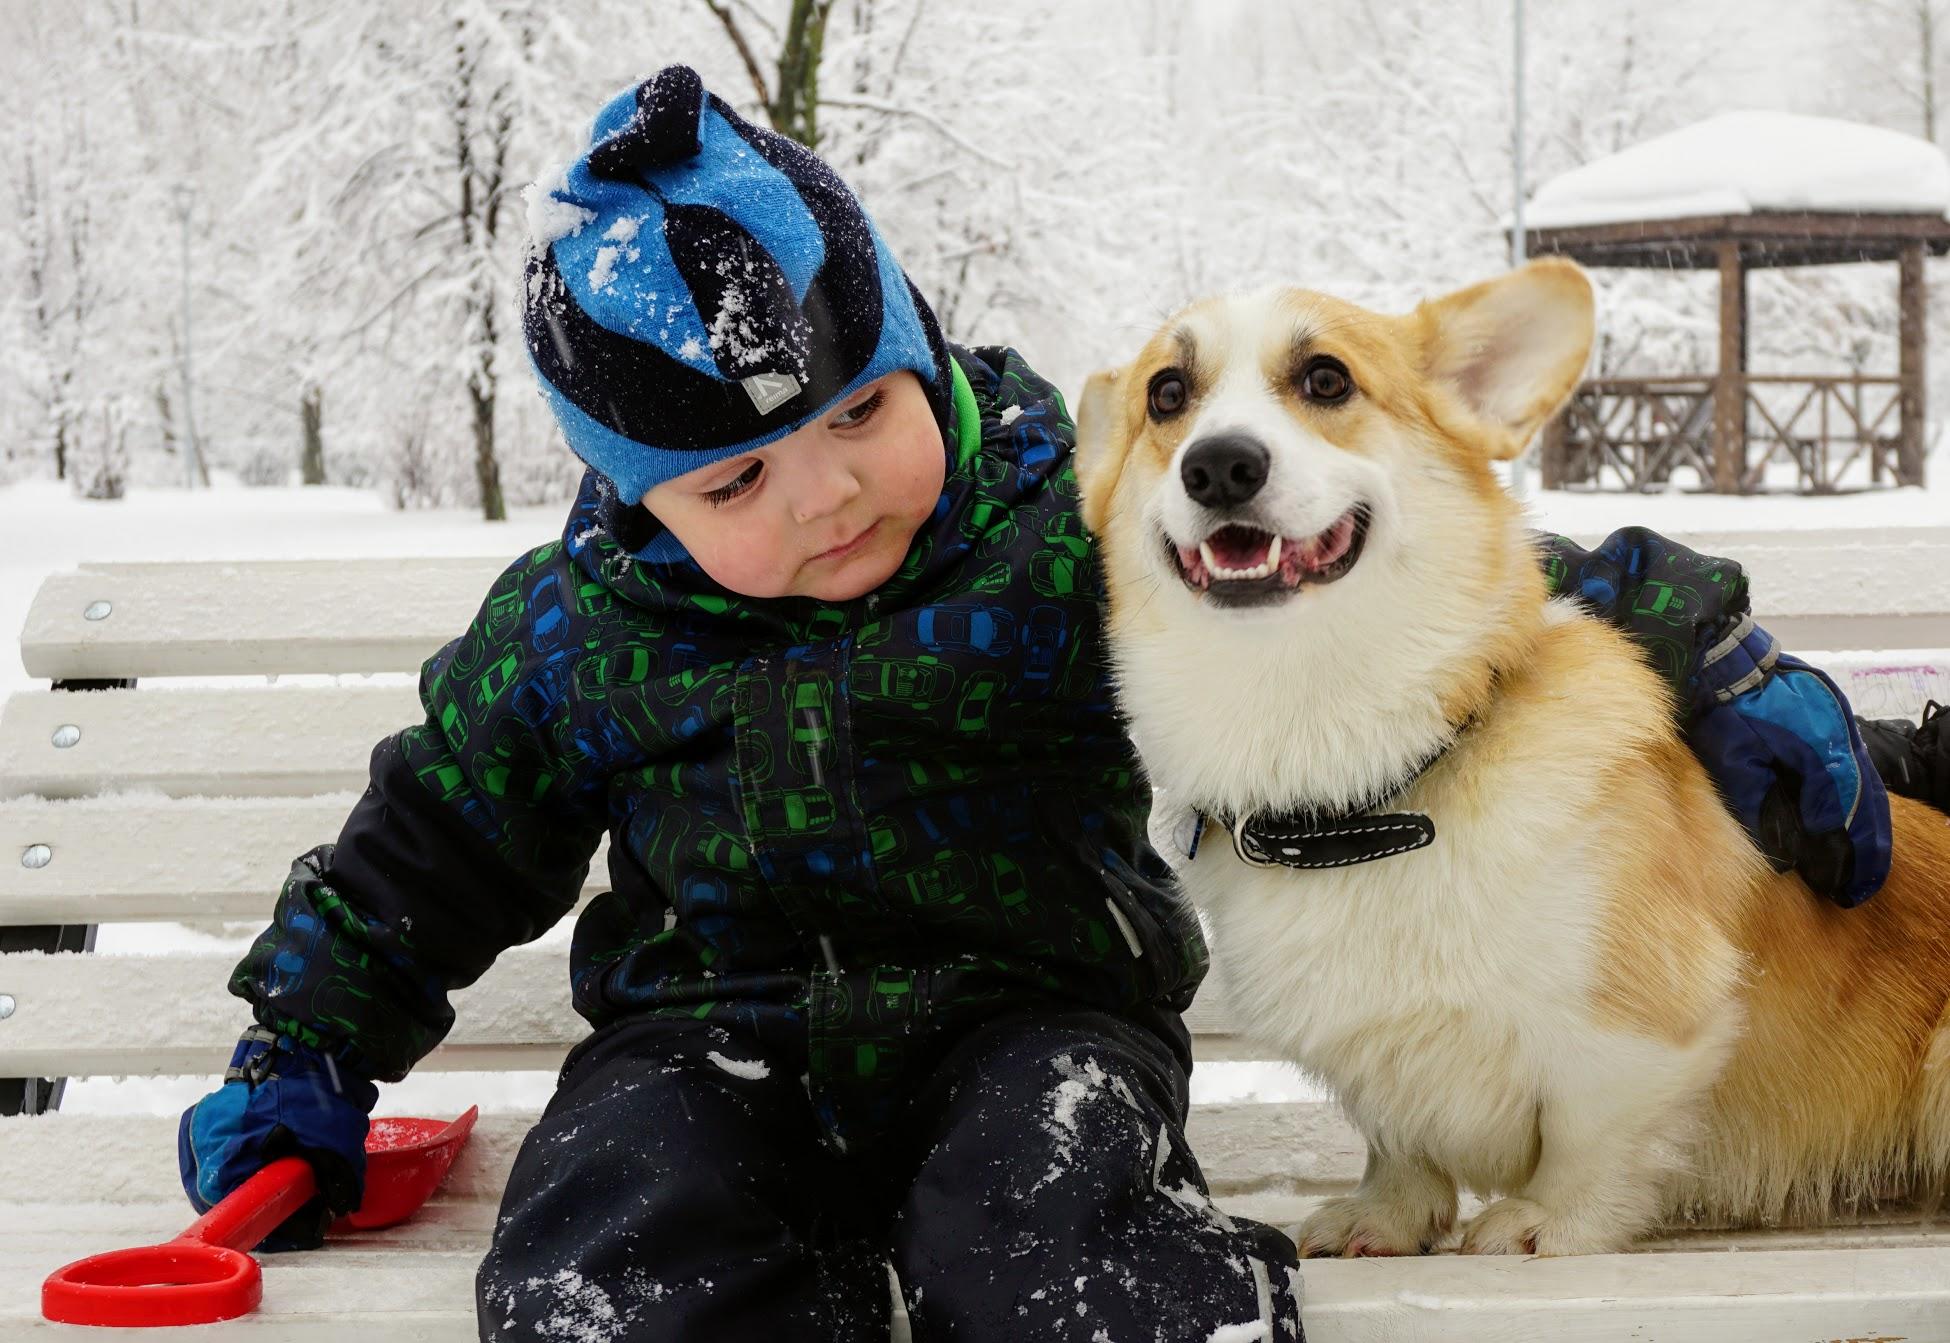 Счастье просто сидеть на лавочке рядом с другом!. Счастье есть!